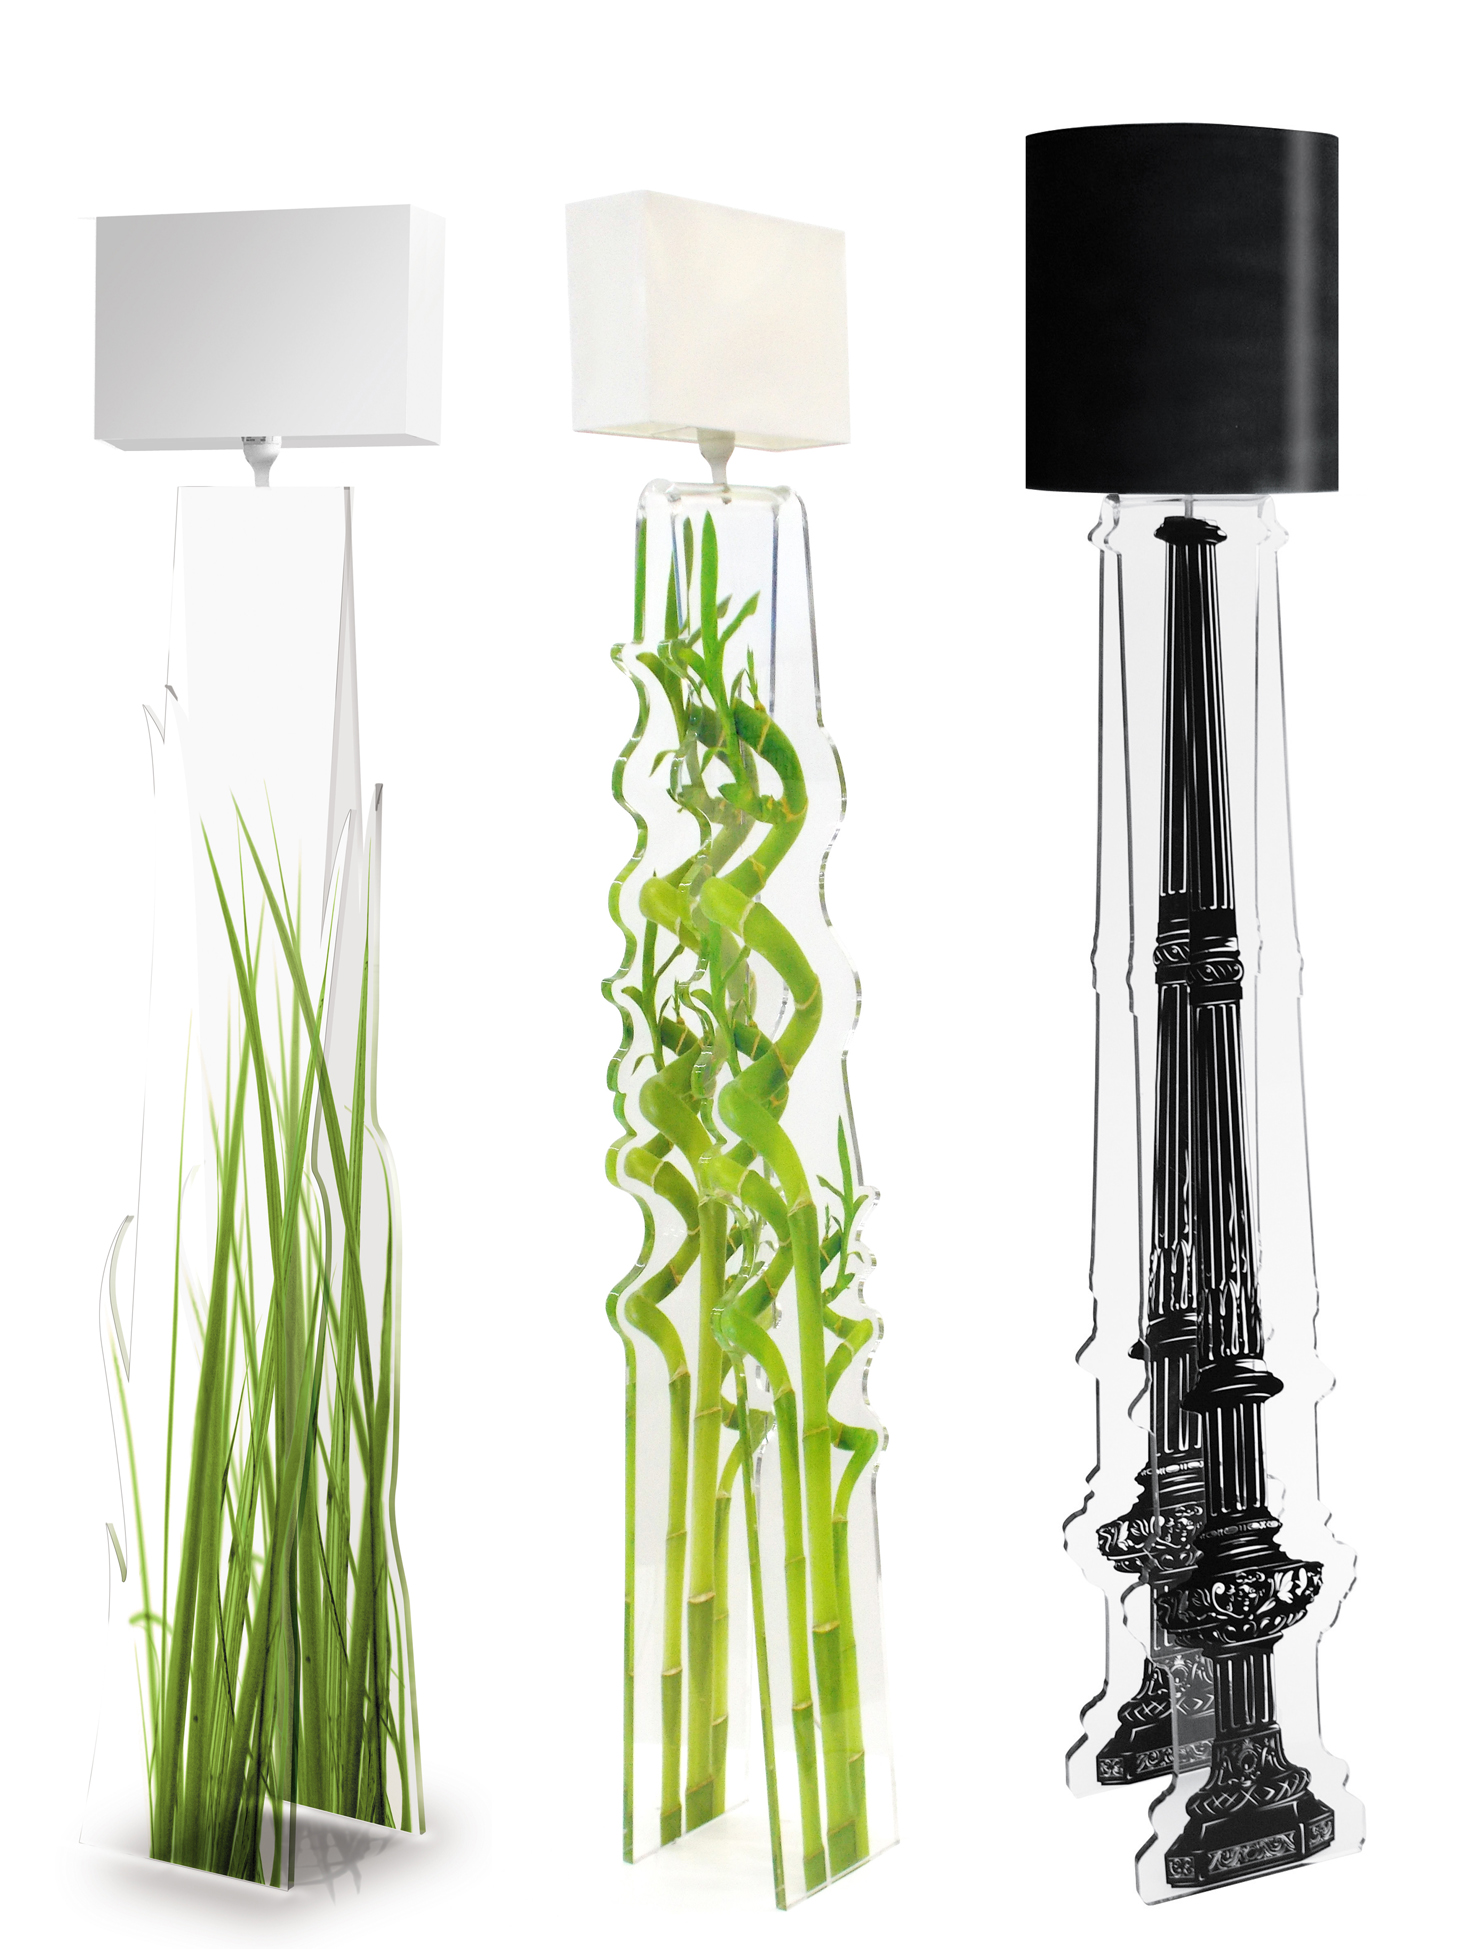 3 Lampe.jpg